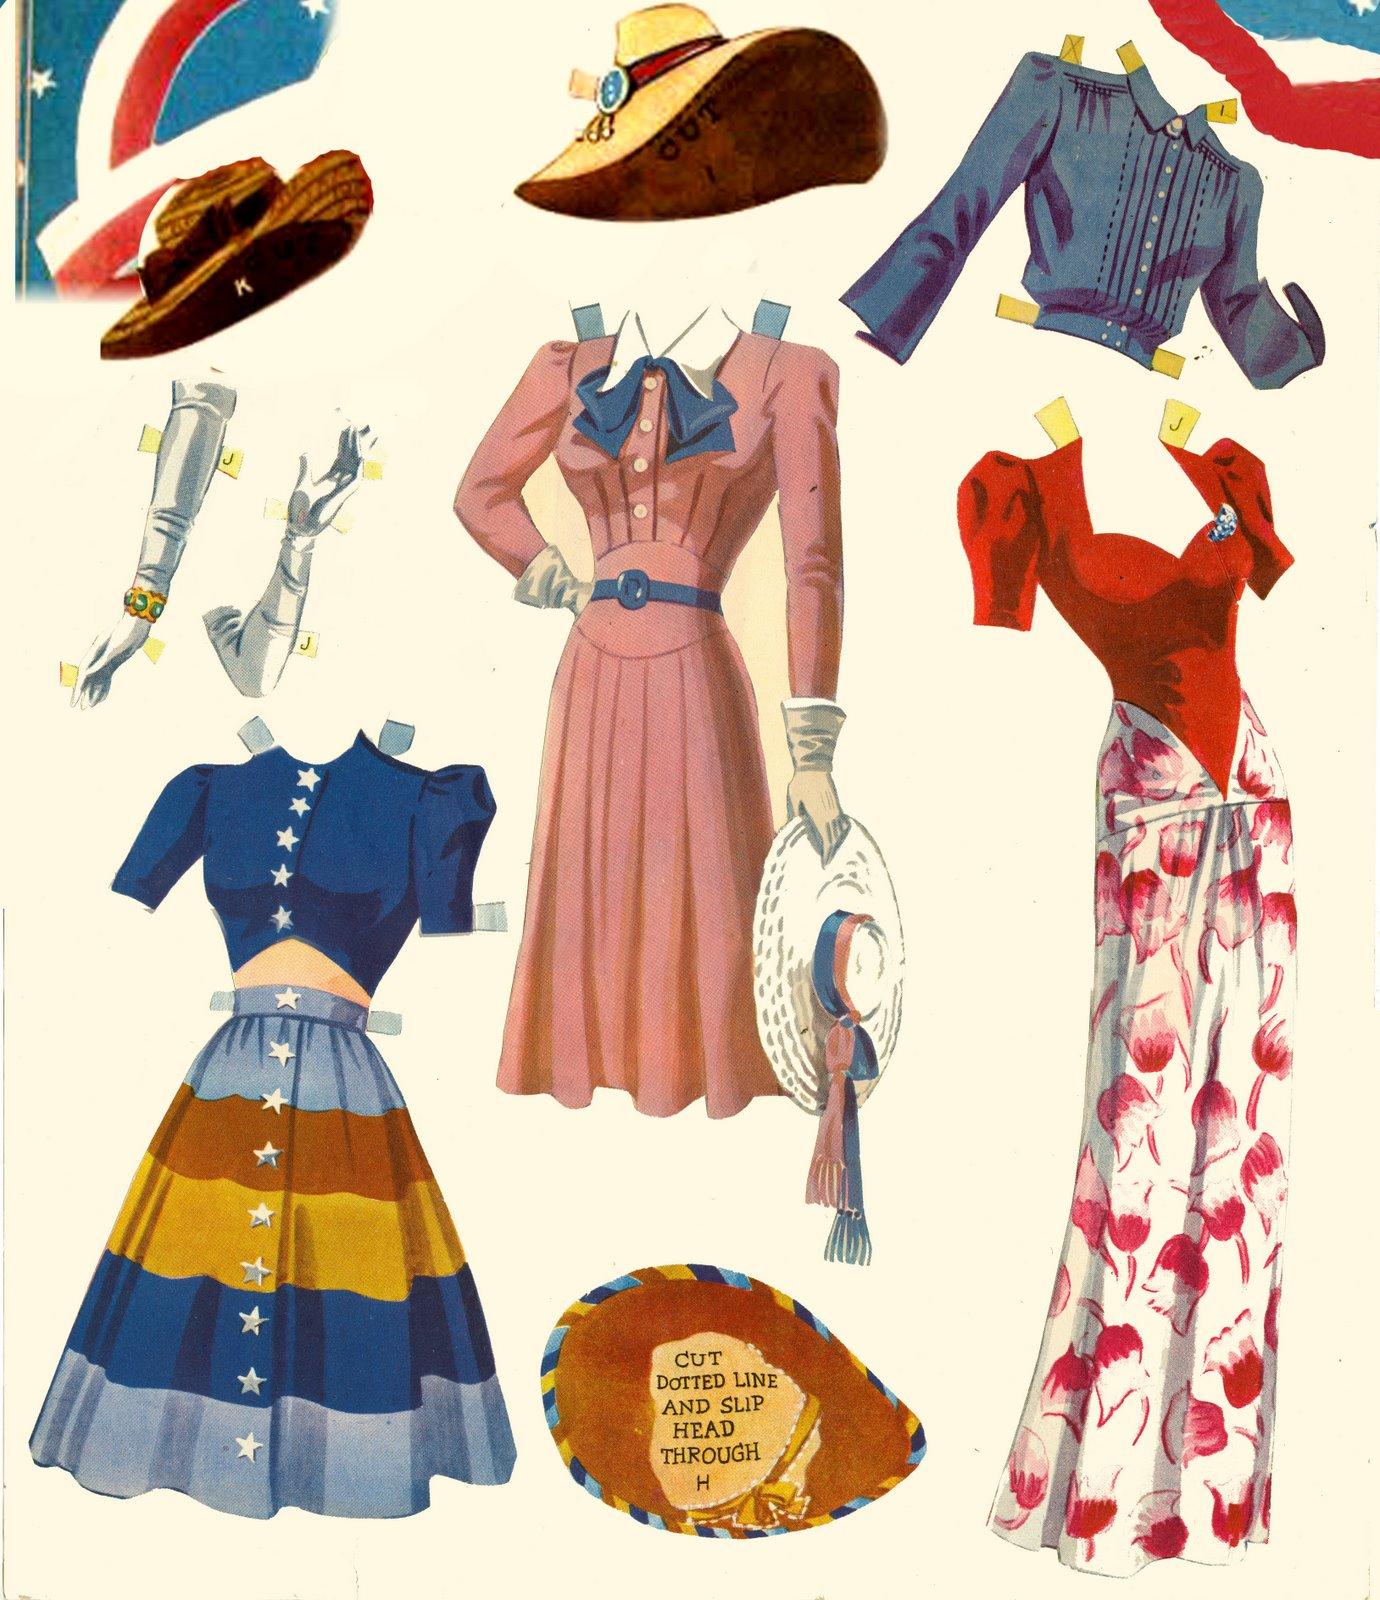 http://4.bp.blogspot.com/_sFx9ftLpKyA/TIxRxNeB0eI/AAAAAAAAA40/P01Vl71Quxs/s1600/CC+cloths+3.jpg